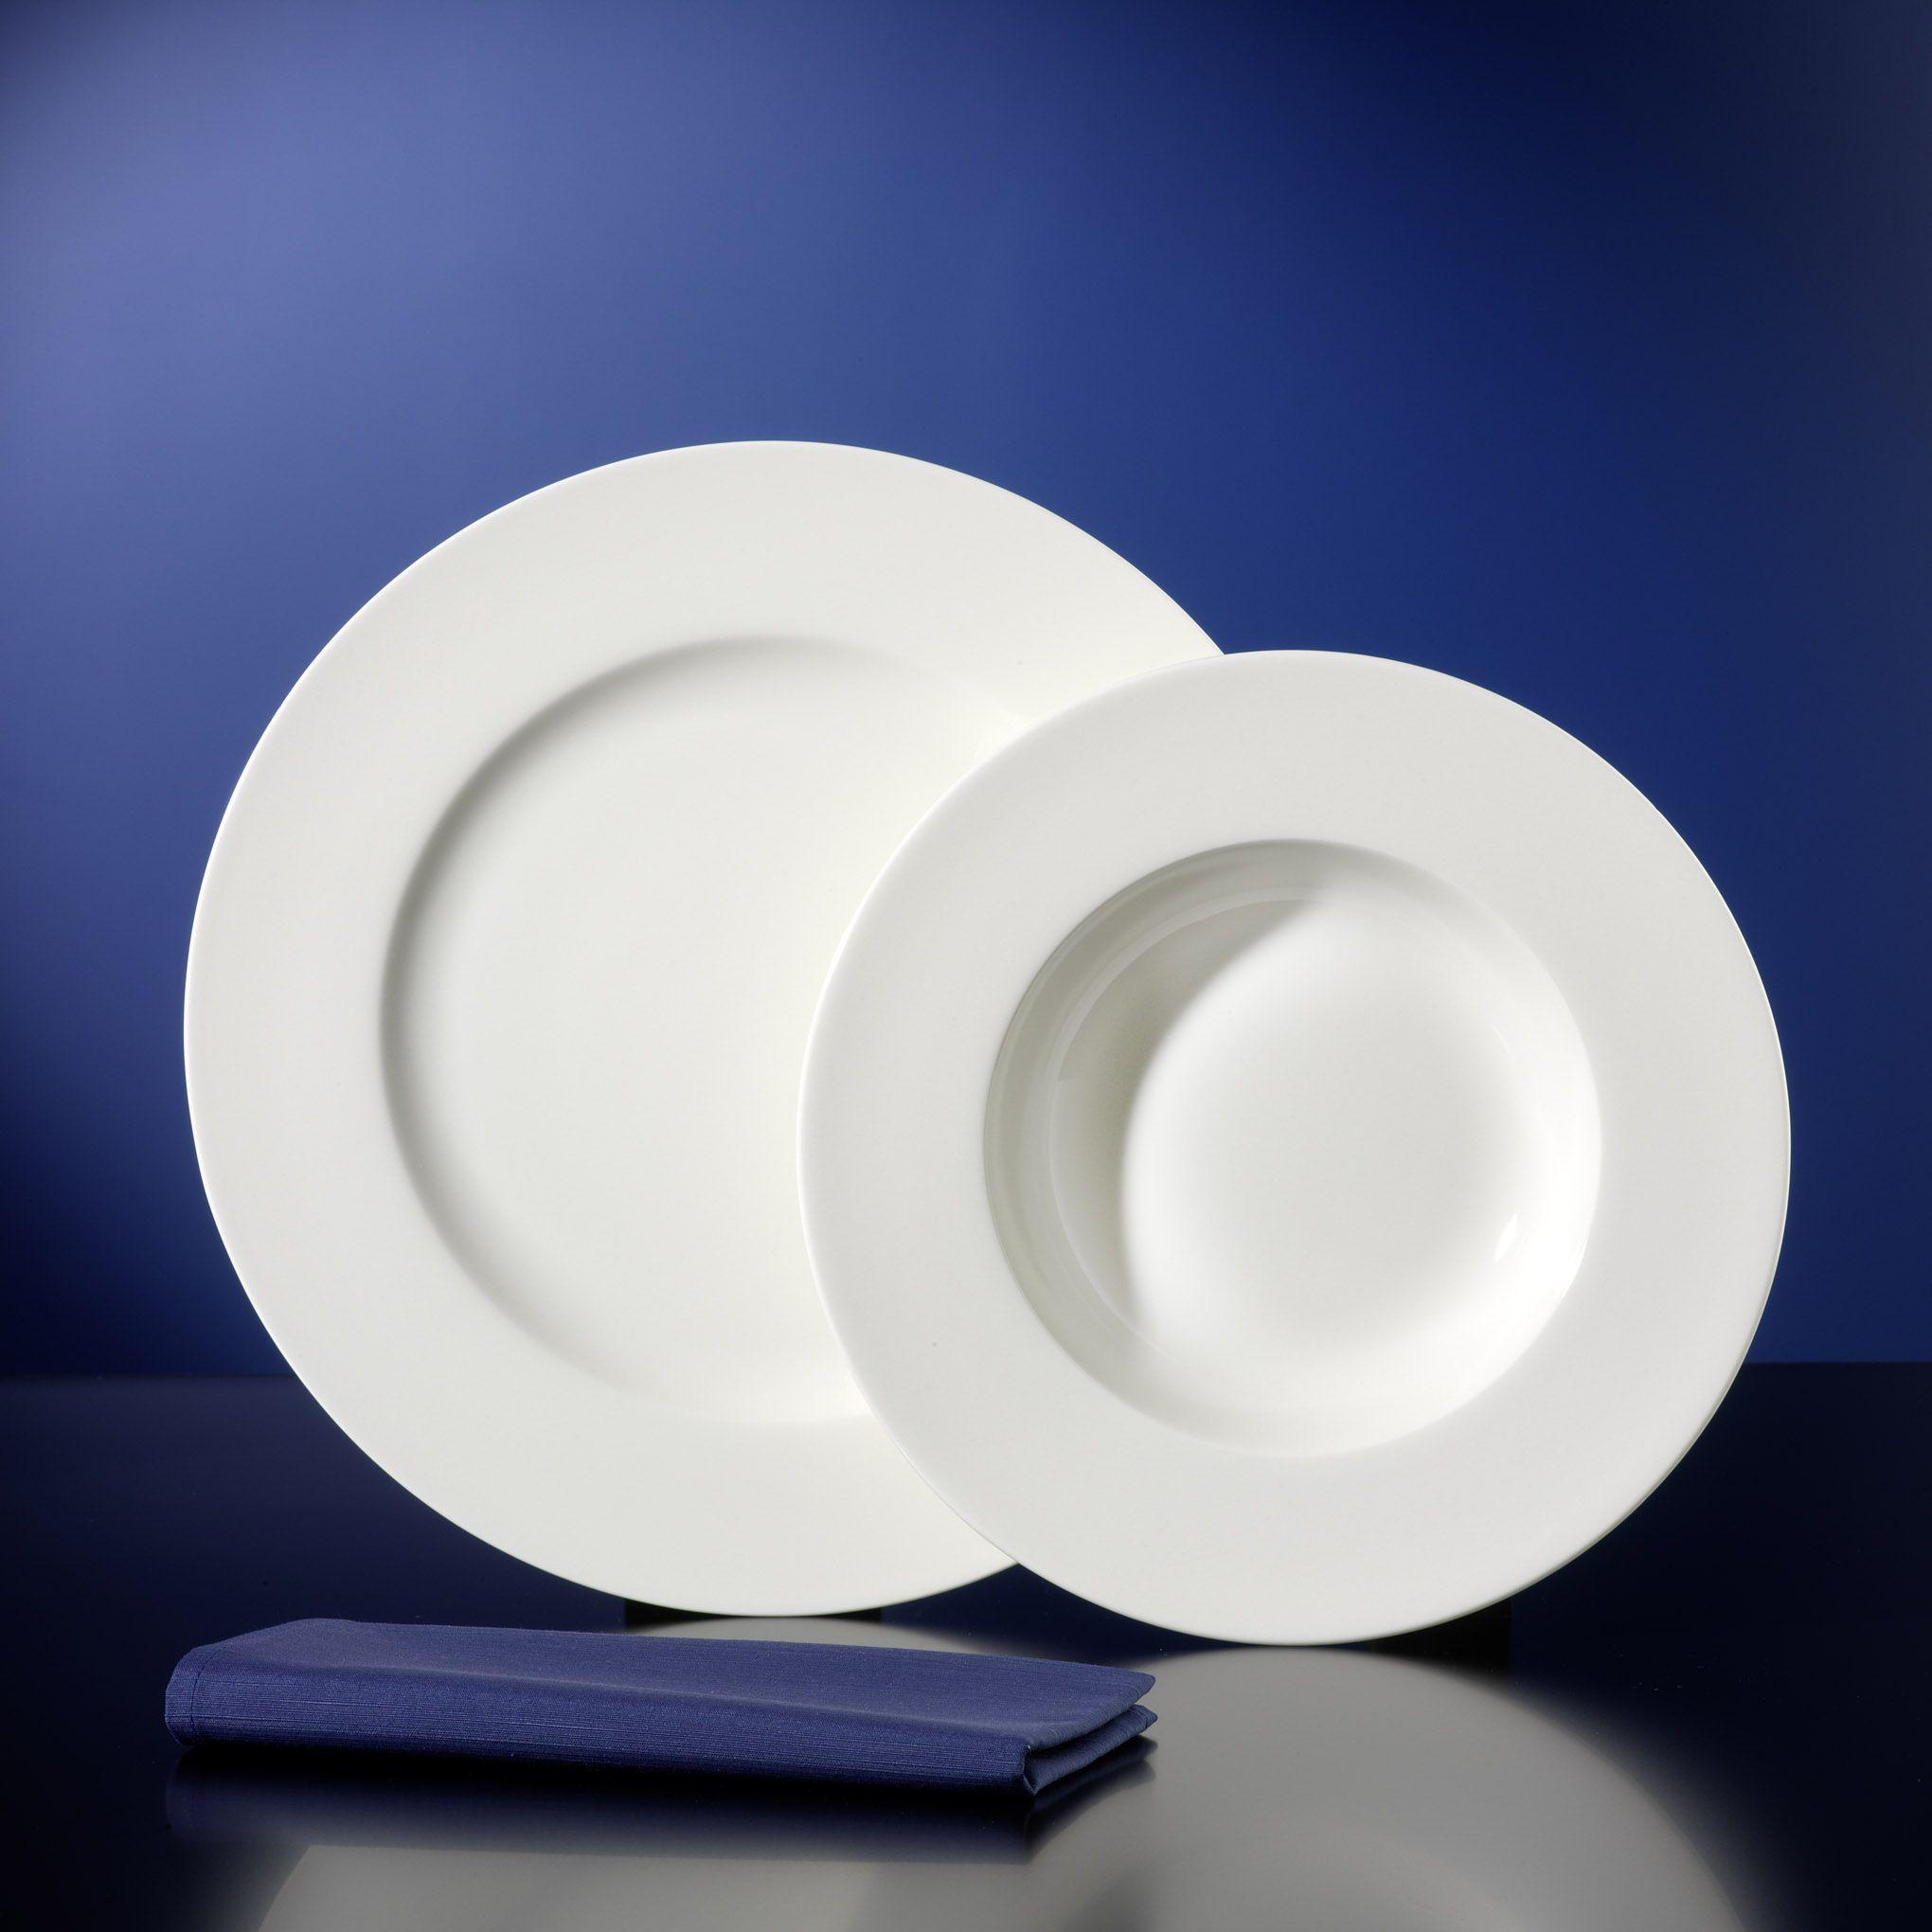 tafelservice amelia 24tlg f r 12 personen porzellan tafelservice ohne dekor. Black Bedroom Furniture Sets. Home Design Ideas